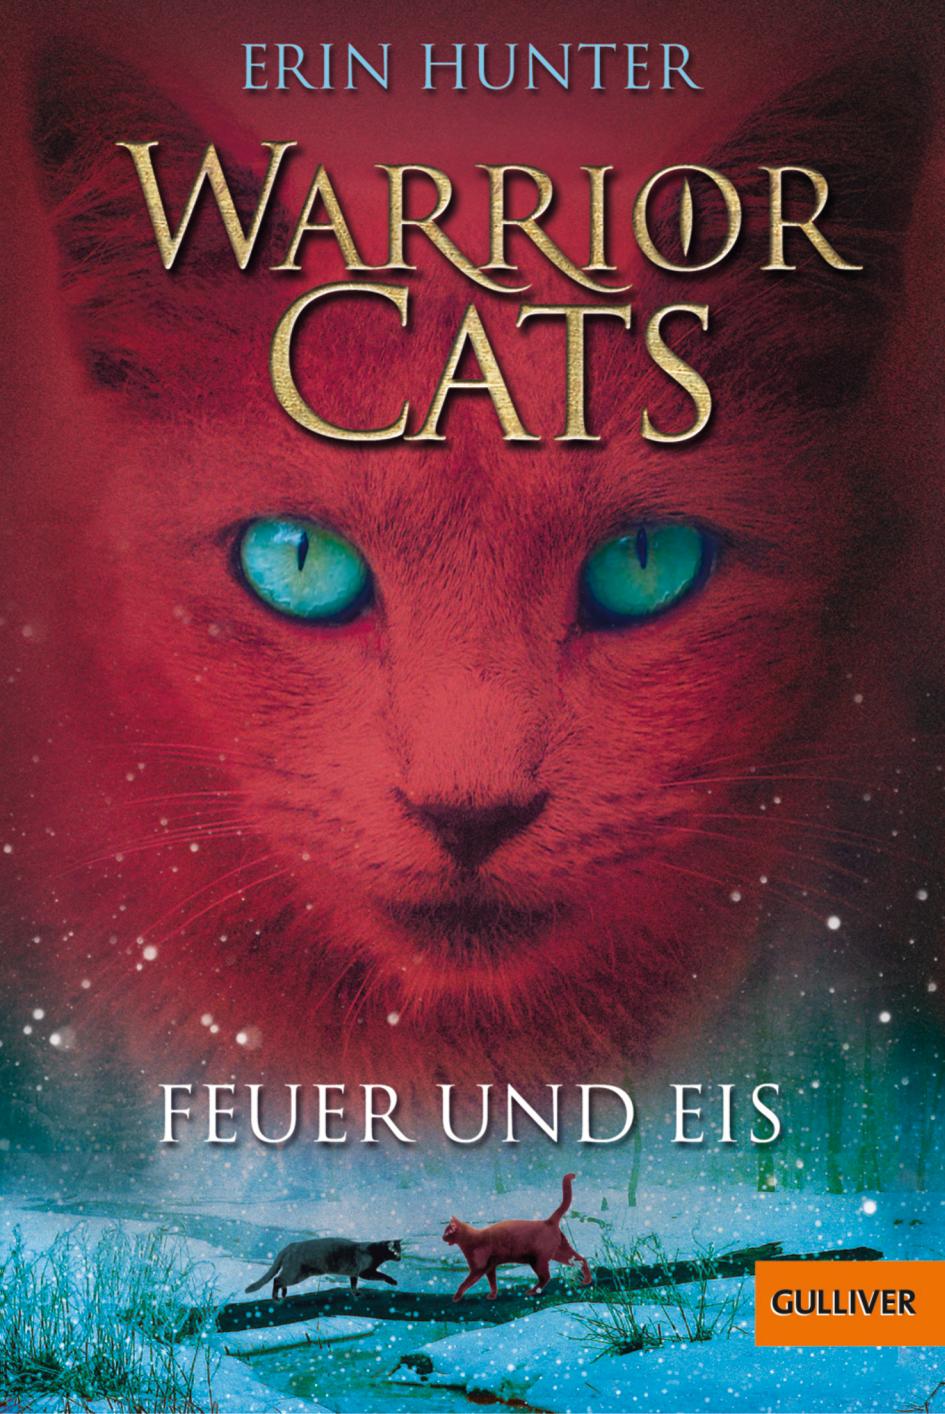 Warrior Cats Feuer und Eis von Erin Hunter (Rezension Review)